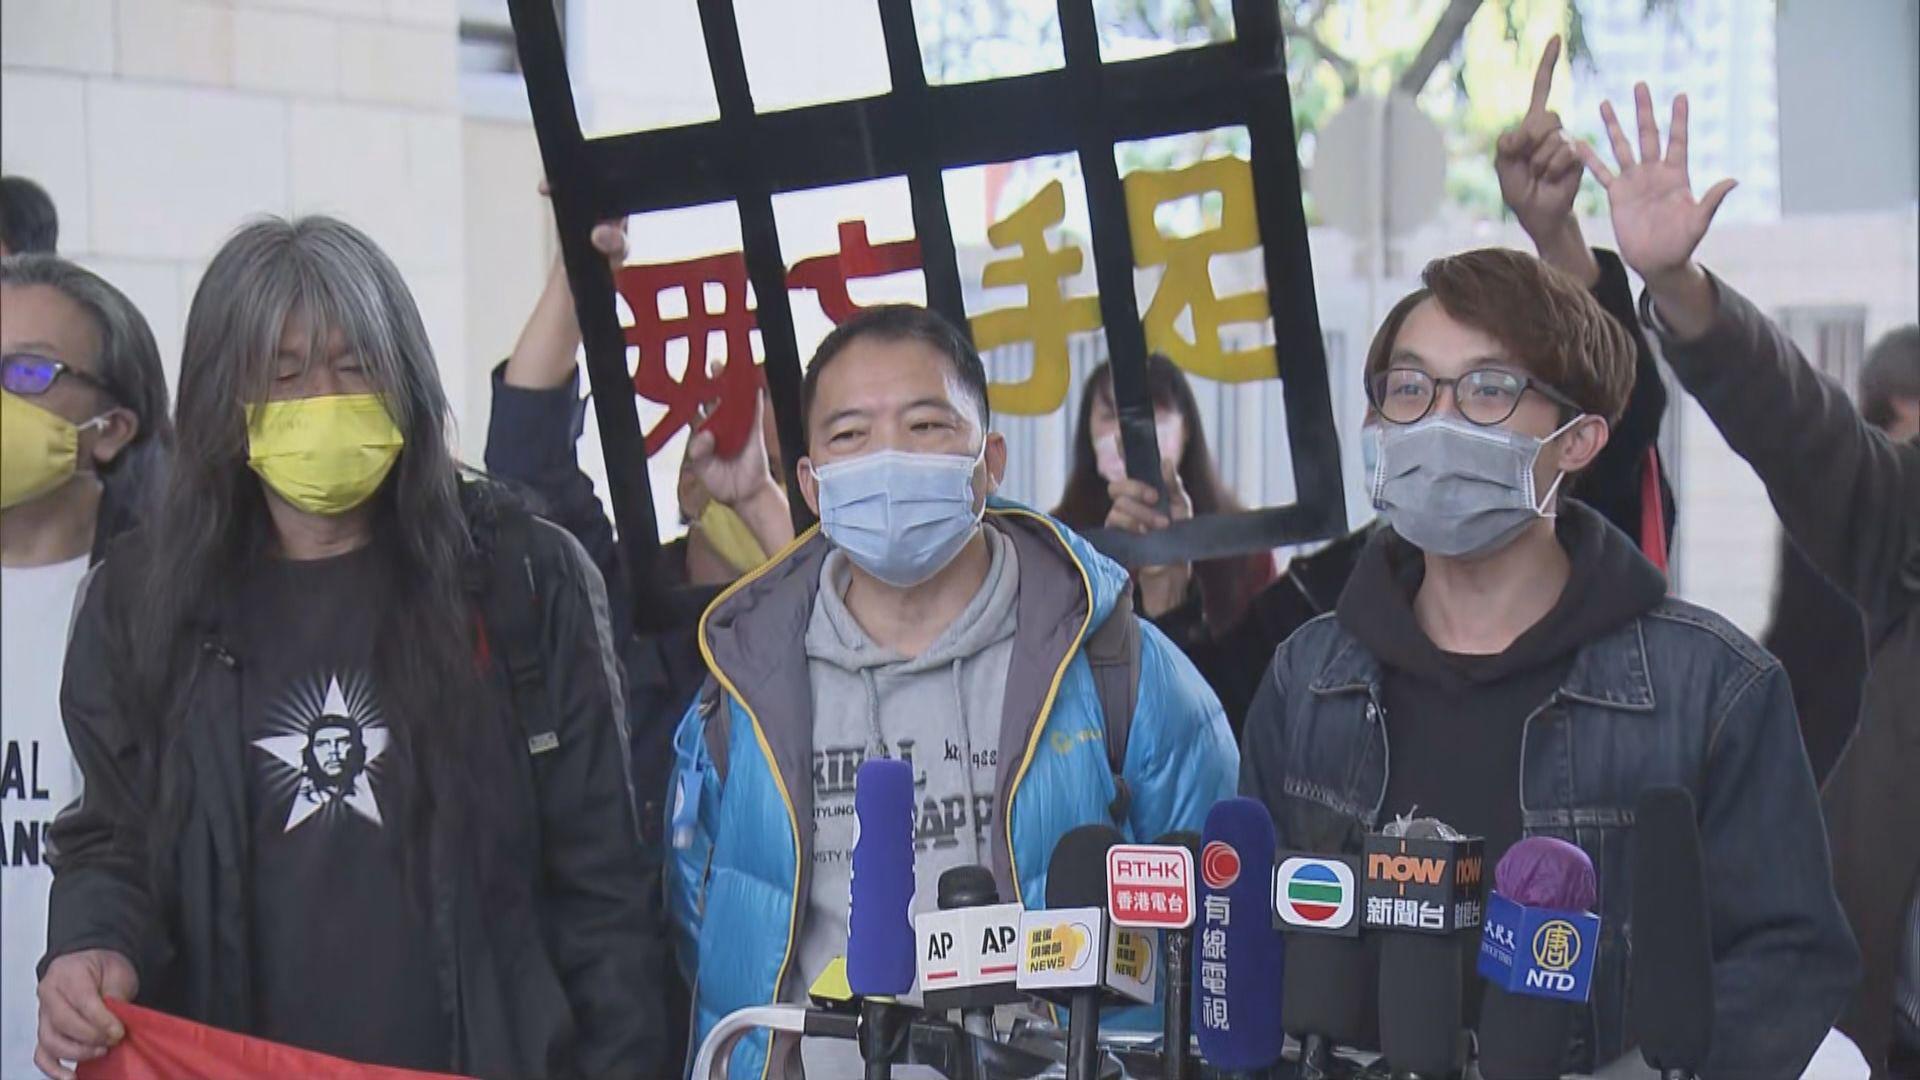 胡志偉未交出所有旅遊證件涉違保釋條件 明日再訊